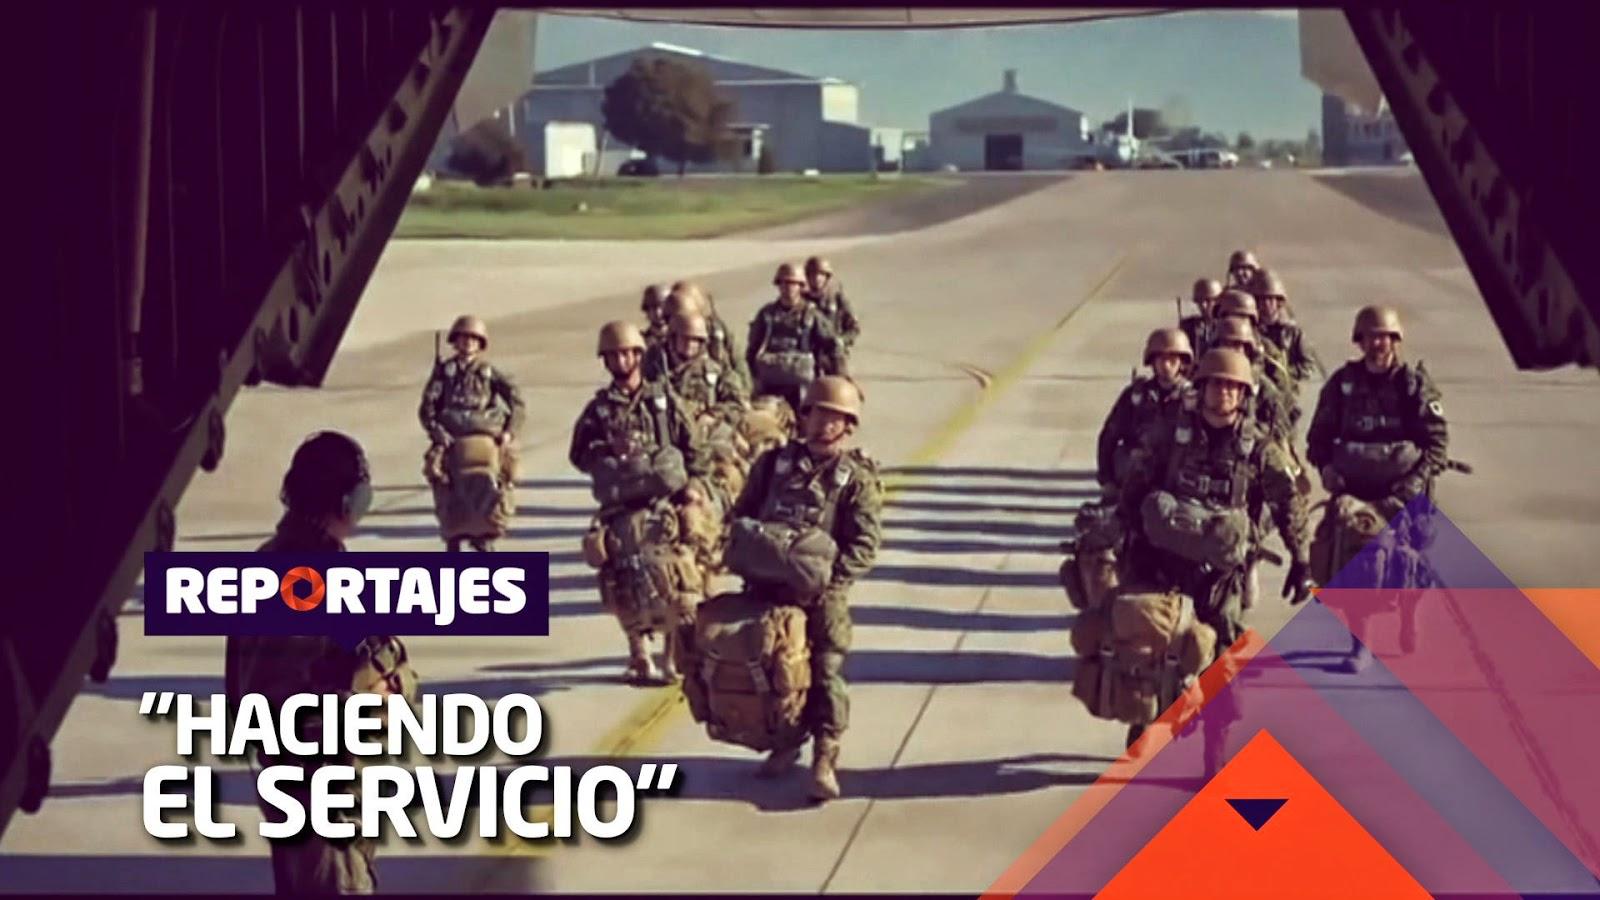 http://www.ahoranoticias.cl/noticiario/reportajes/haciendo-el-servicio.html